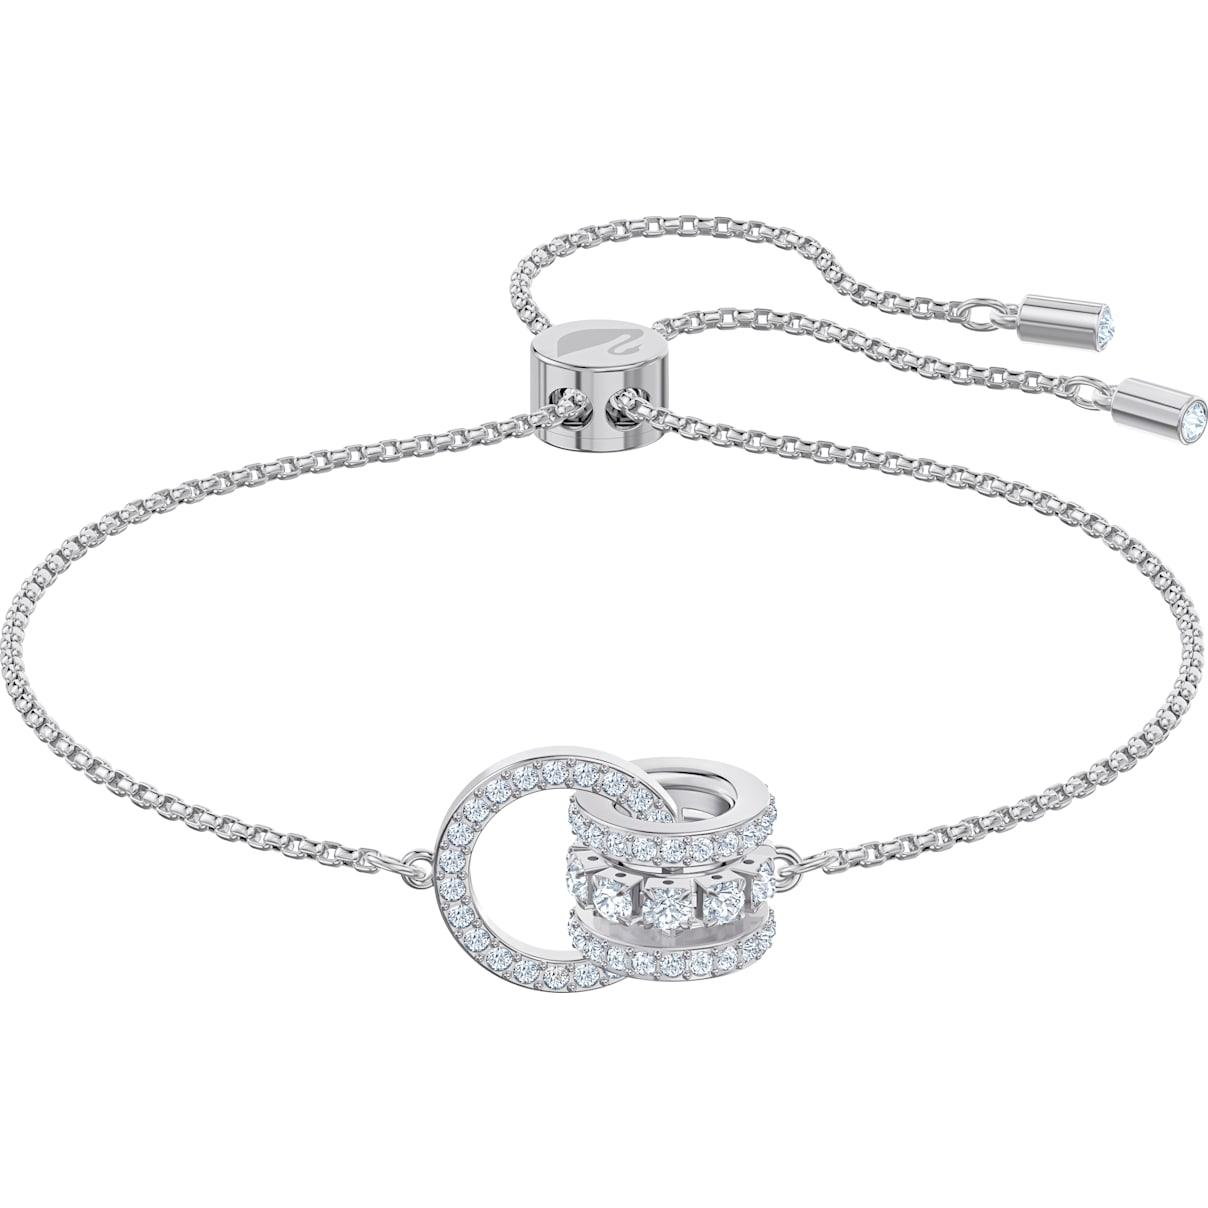 Swarovski Further Bracelet, White, Rhodium plated